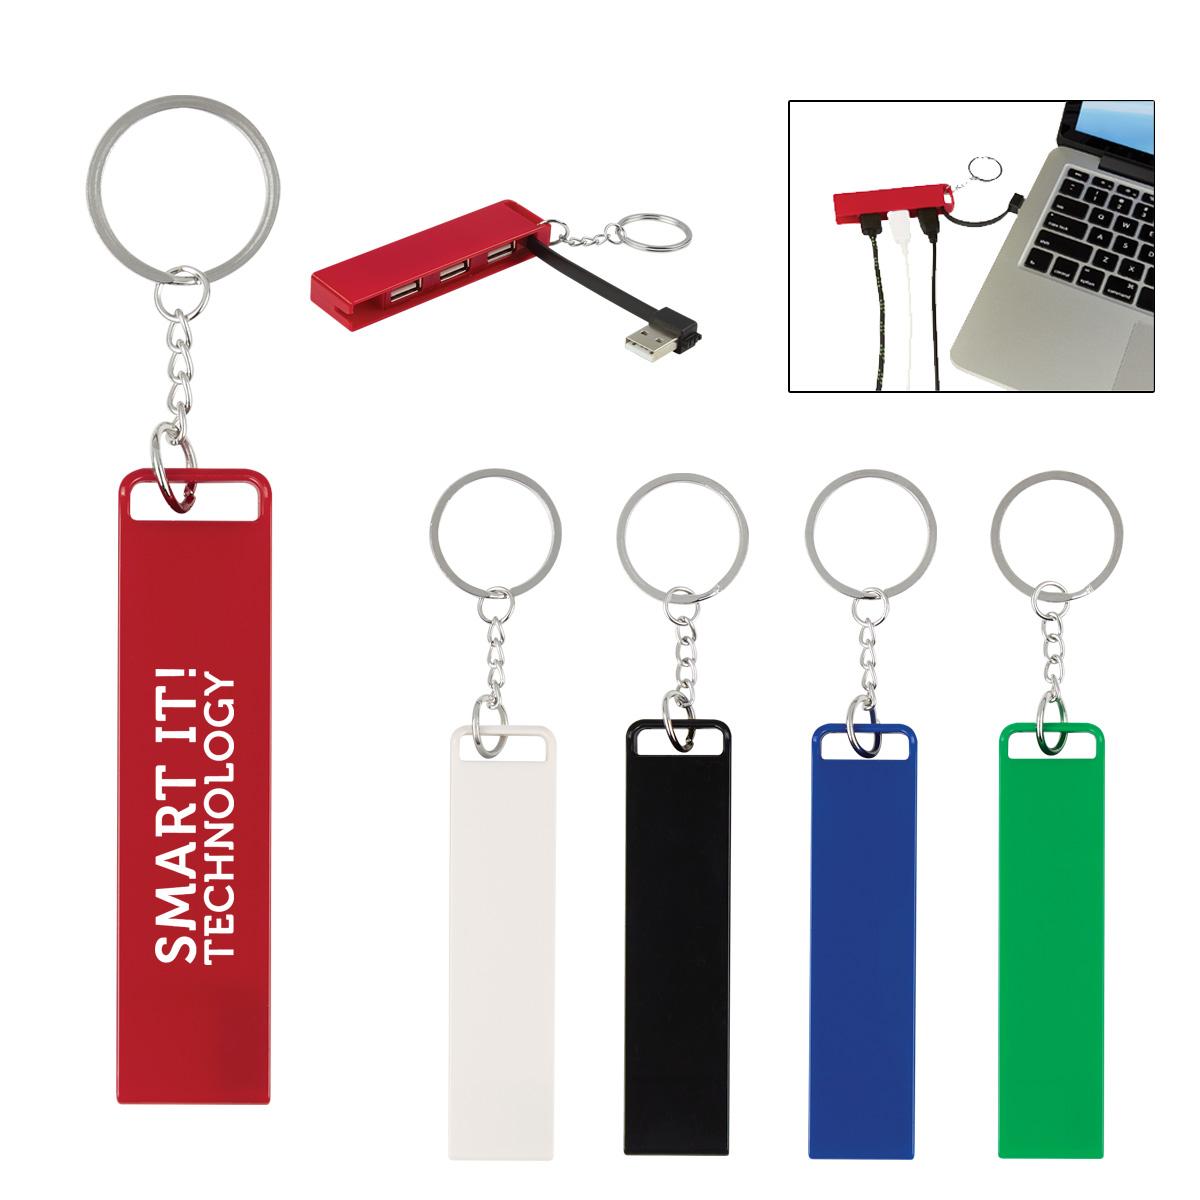 #CM 2847 - 3-Port Traveler USB Hub Key Chain